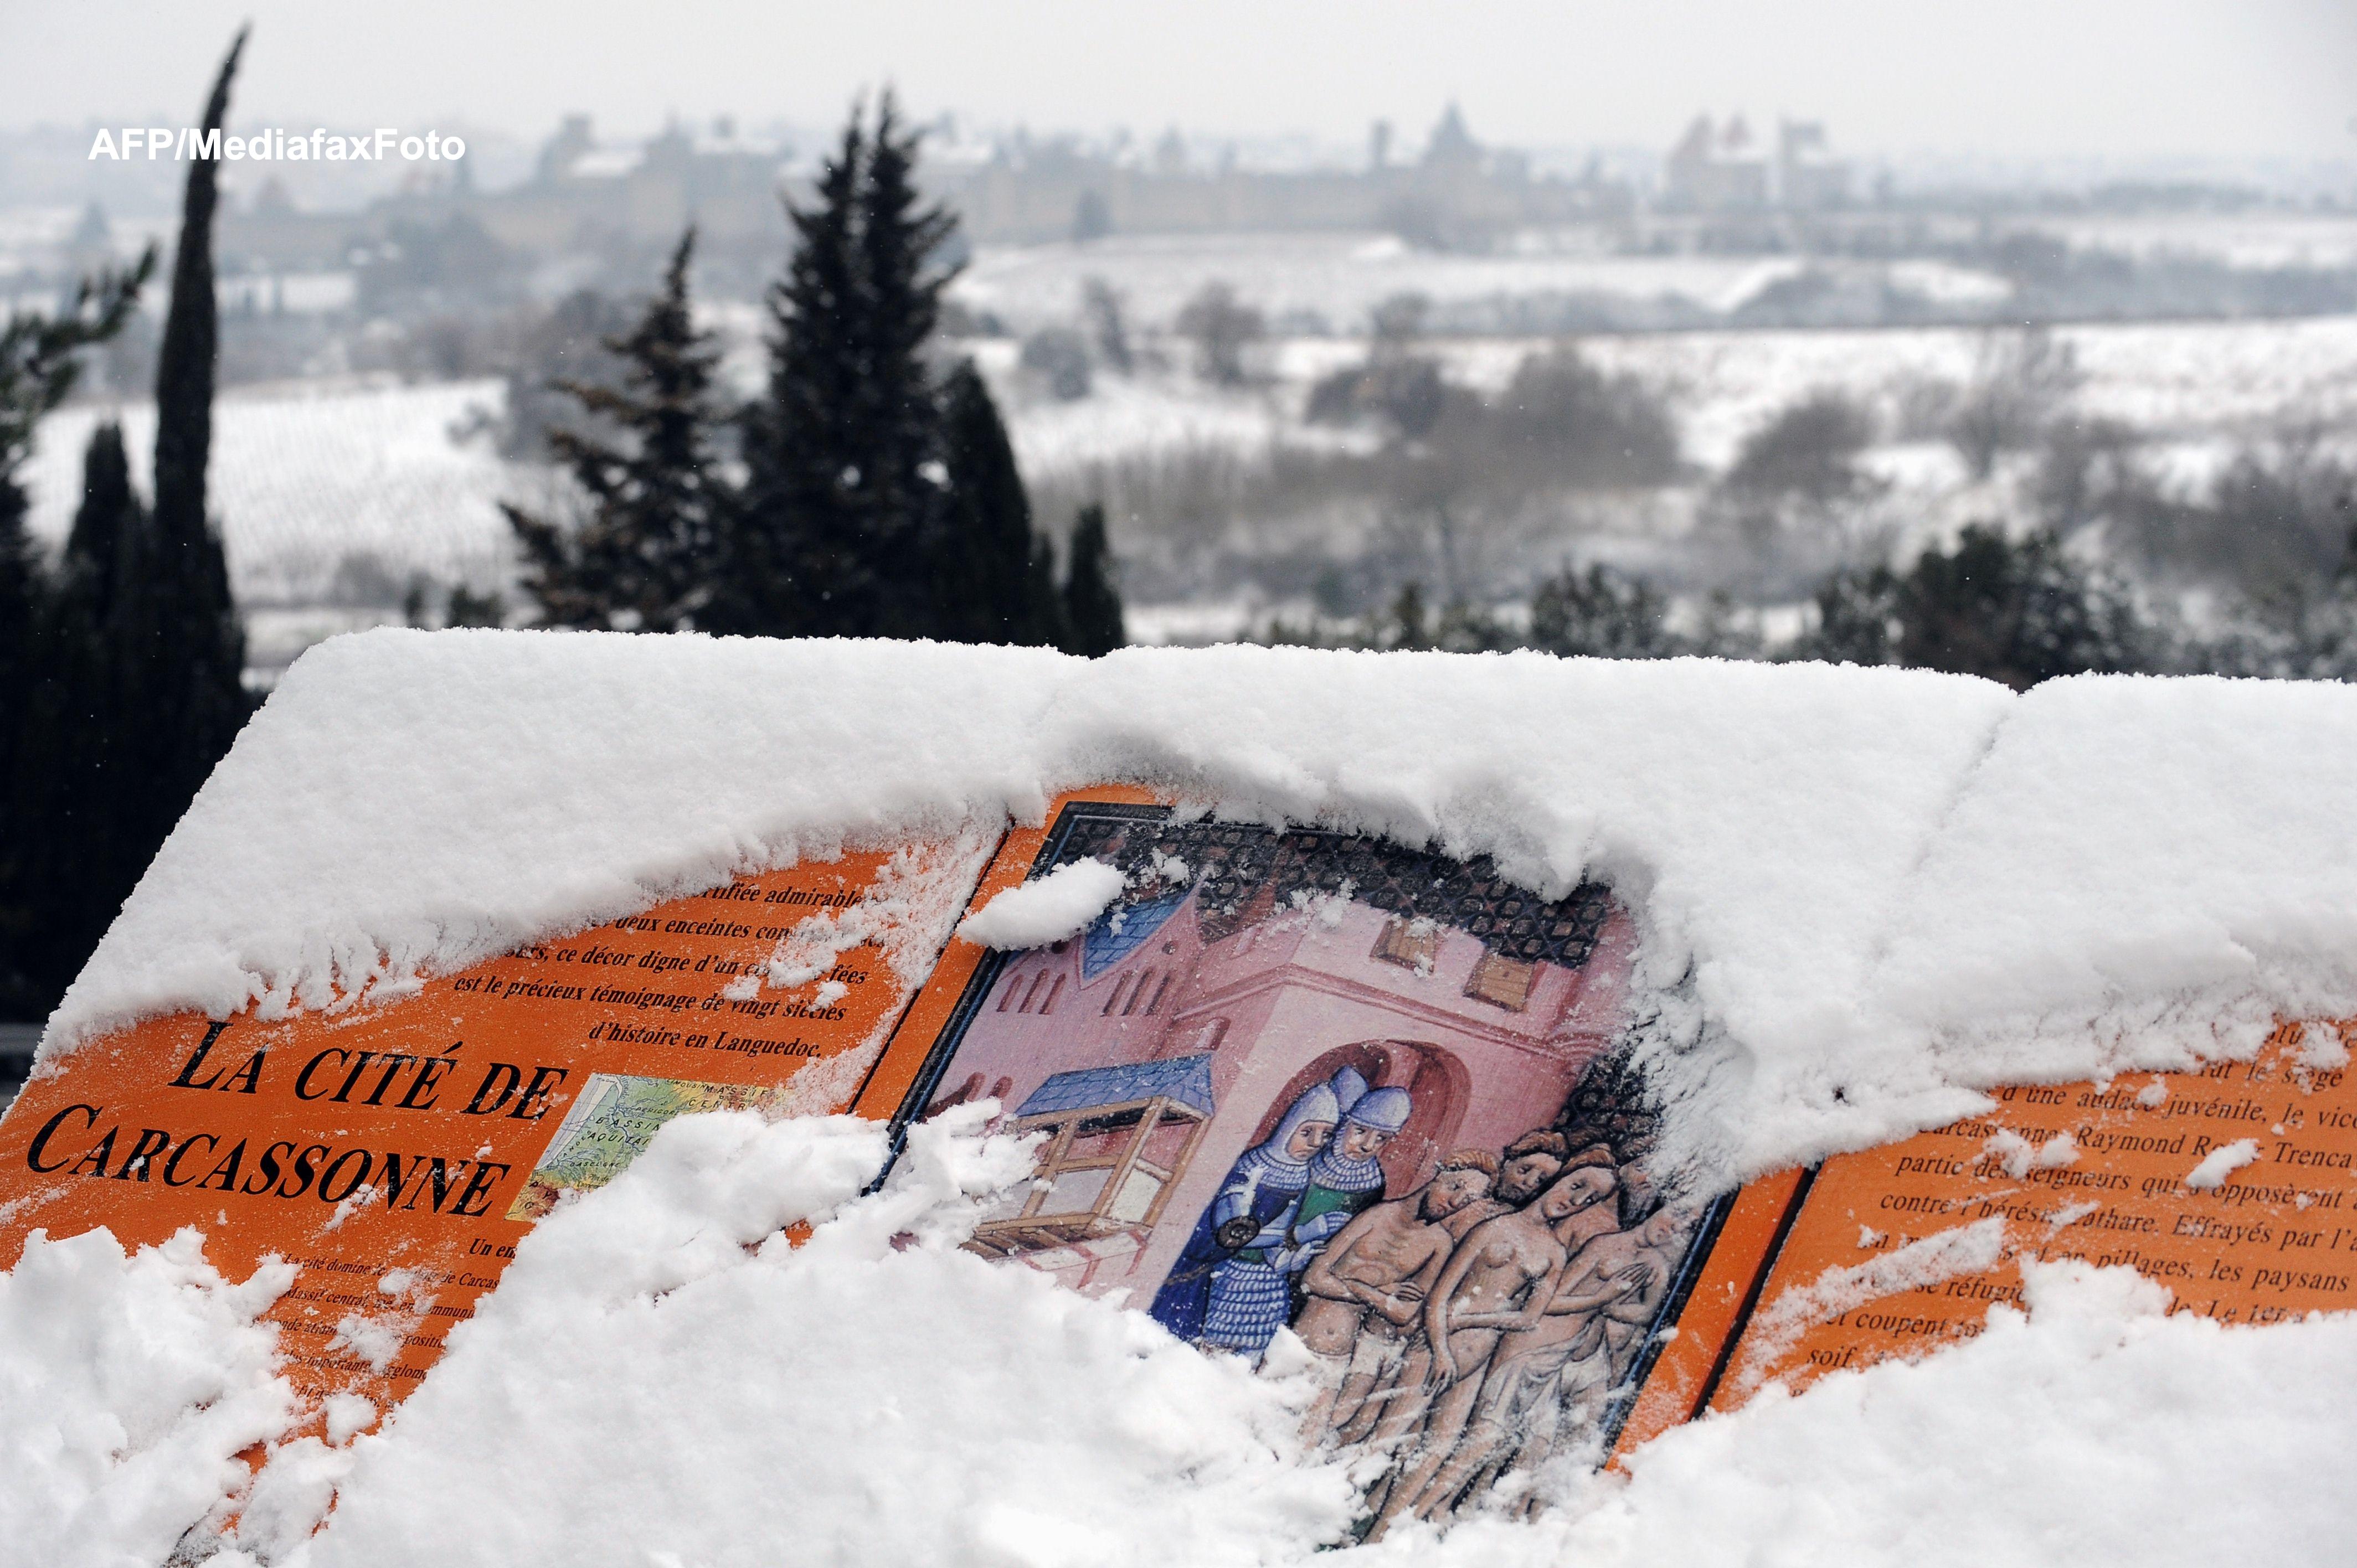 Peste 68.000 de case nu au electricitate in vestul Frantei. Zeci de vehicule sunt blocate in nameti